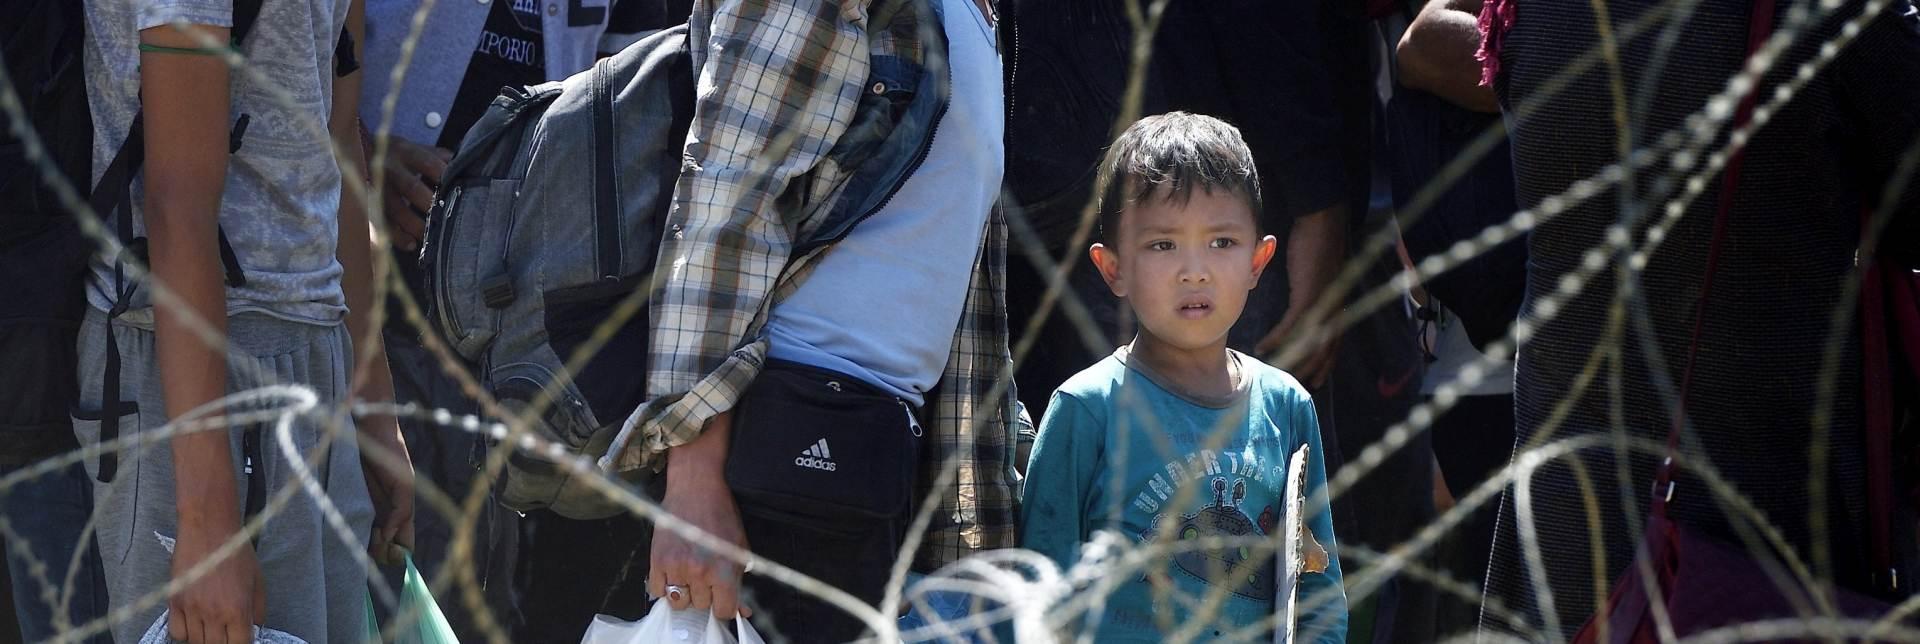 Brasseur: Odgovor na izbjegličku krizu nisu zidovi, već suradnja i integracija